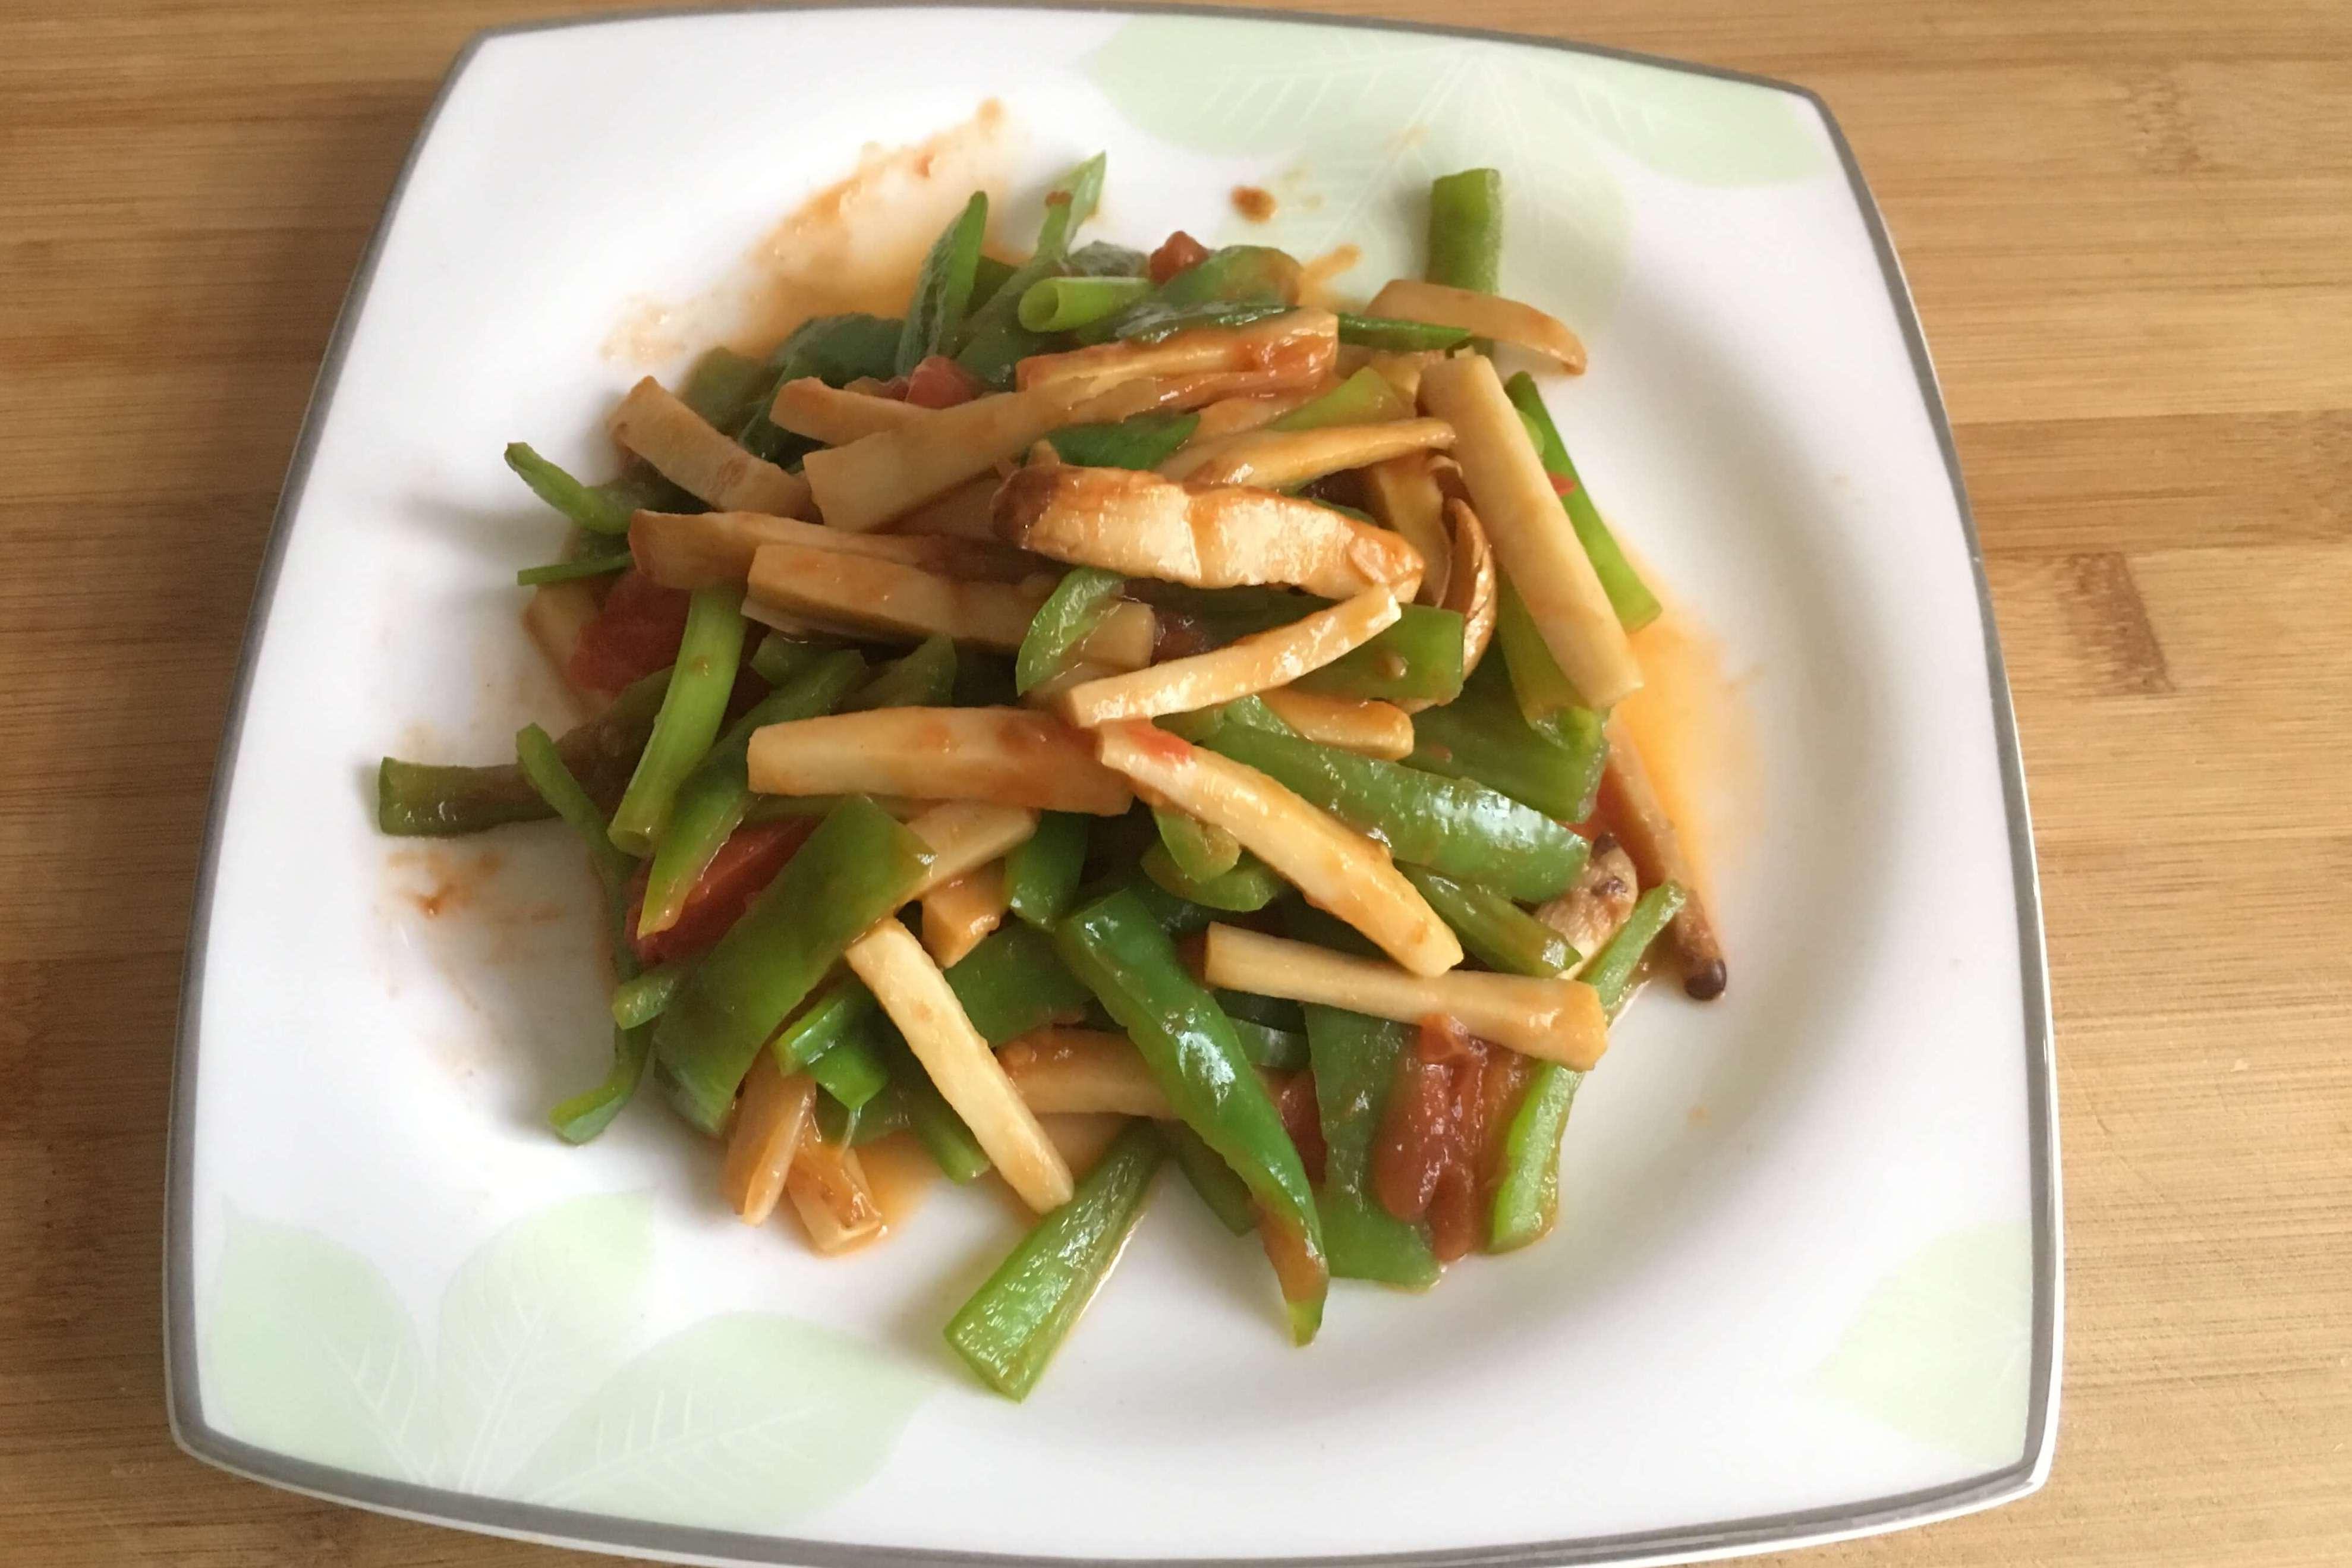 青椒炒蘑菇来点番茄味道会更鲜美,简单易操作,还不去试试!